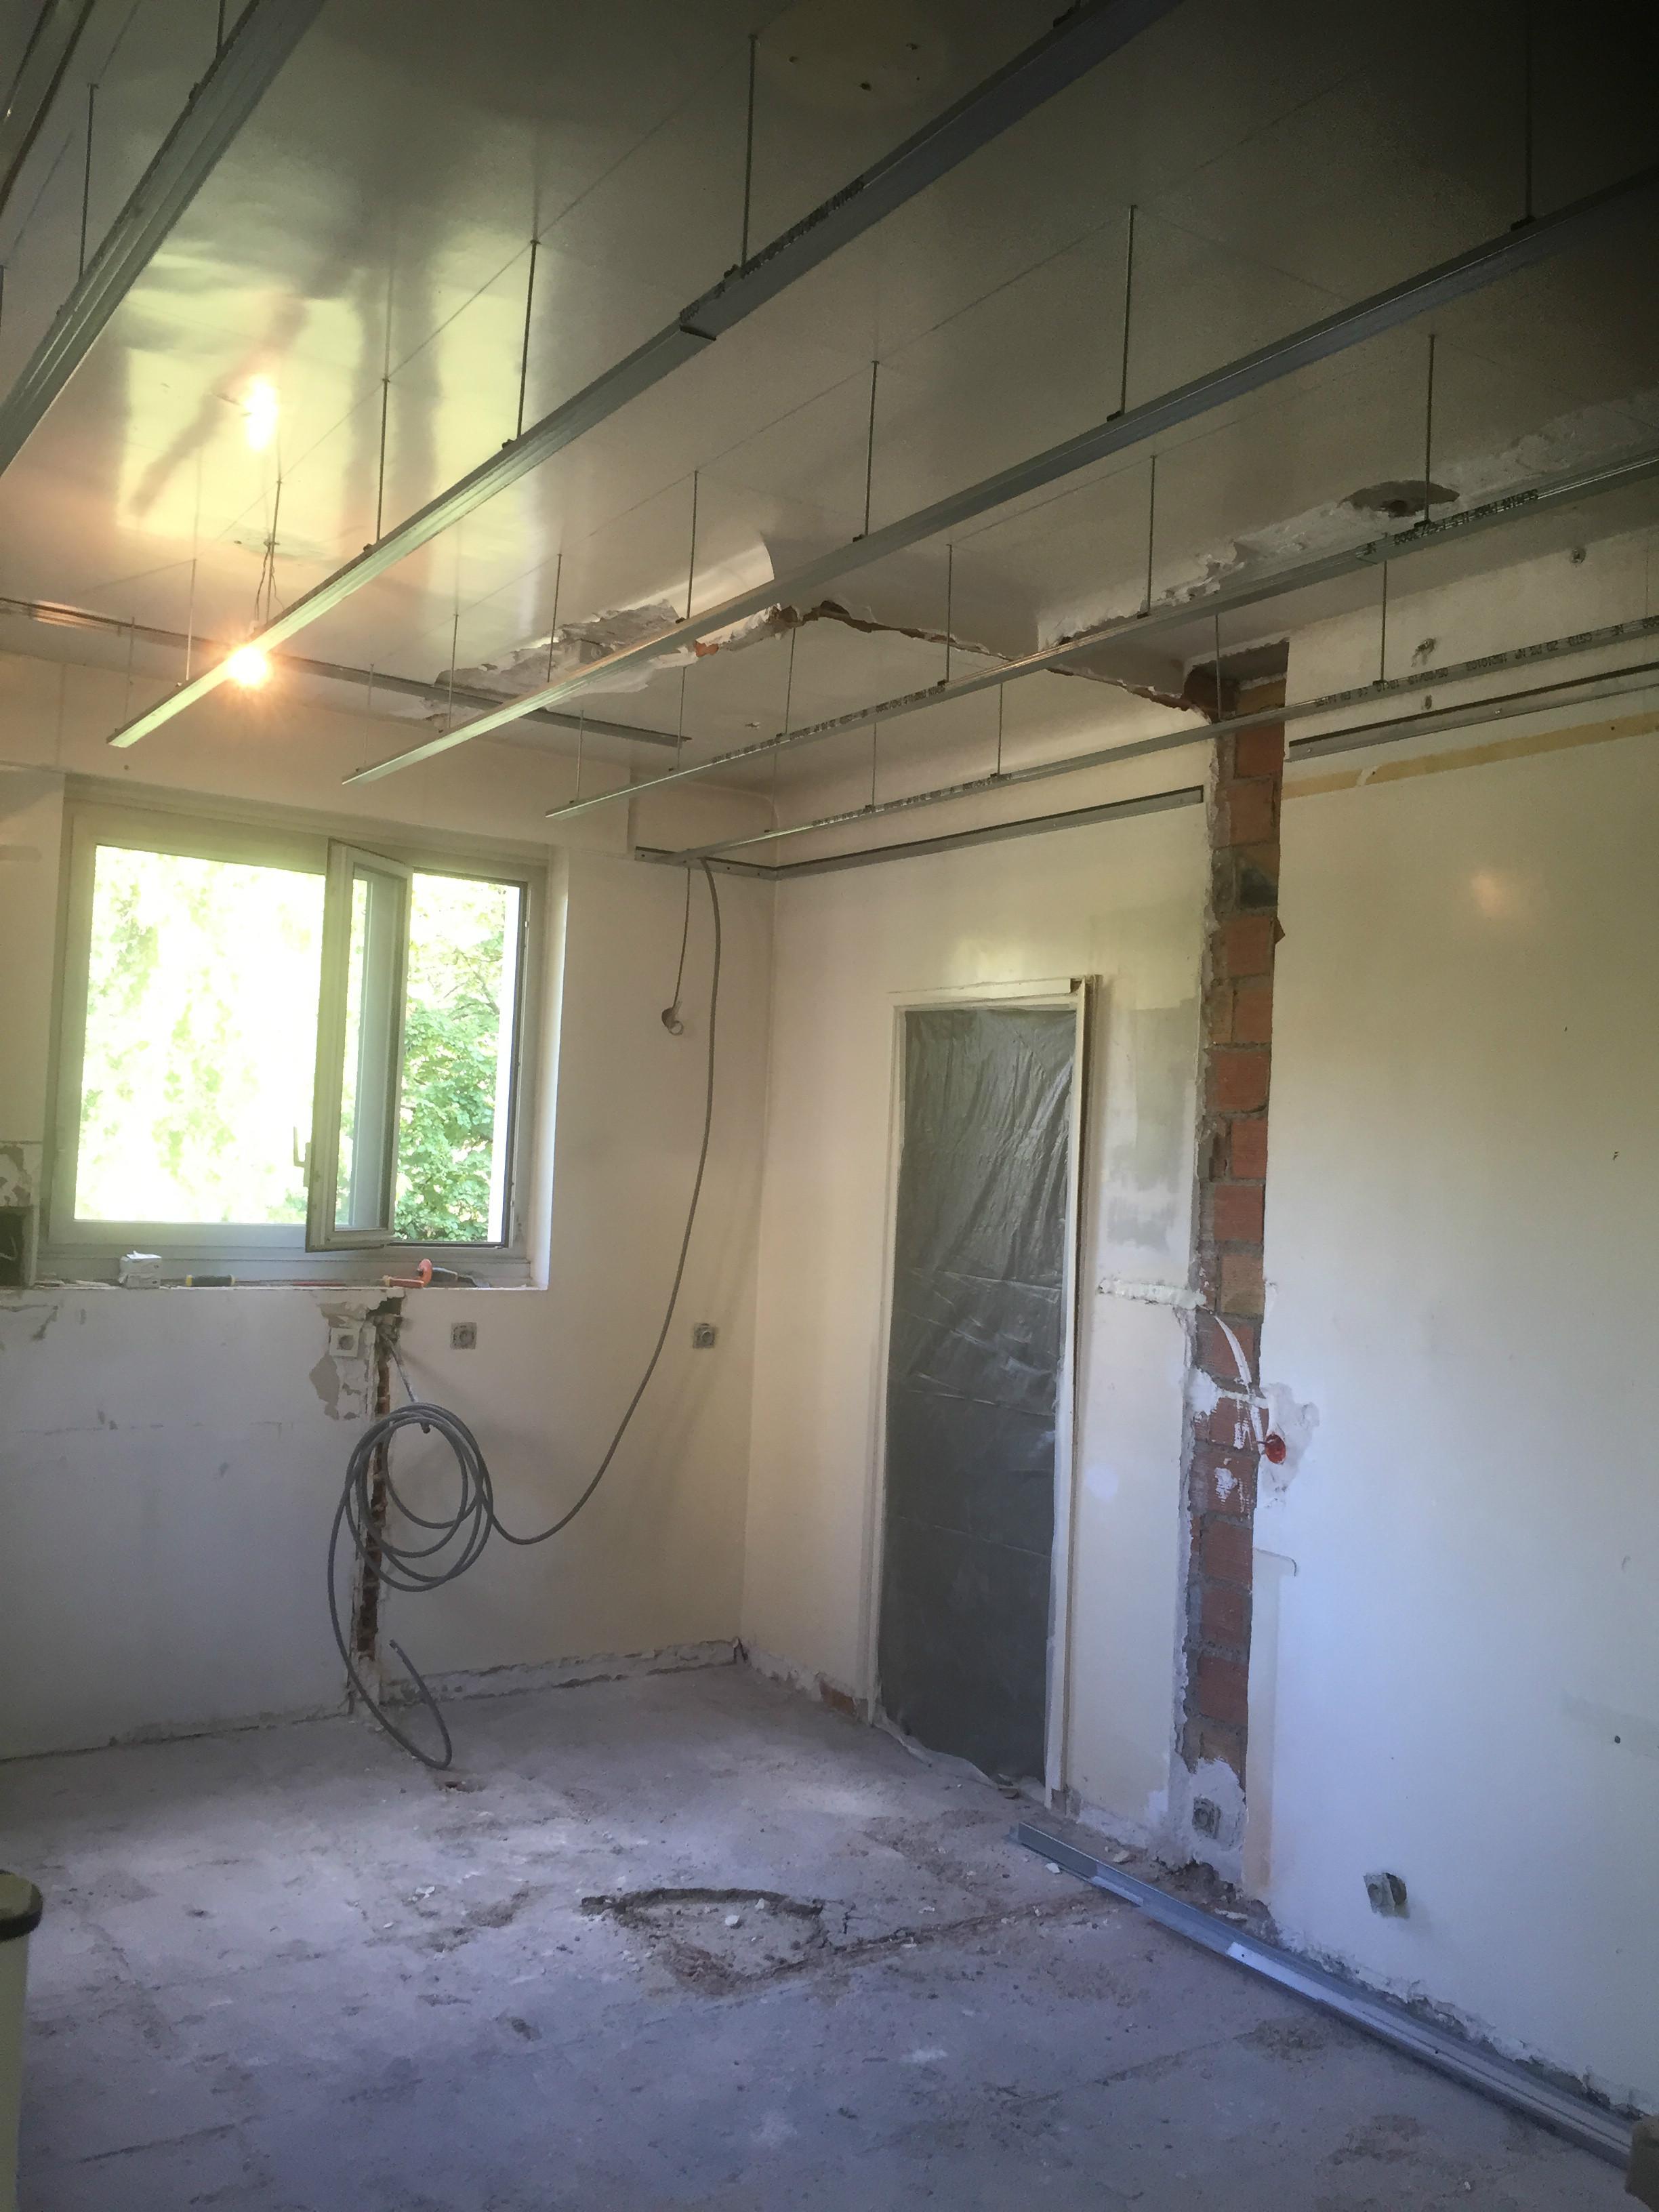 Recouvrir Du Lambris Bois isolation, faux plafond | btp-design®